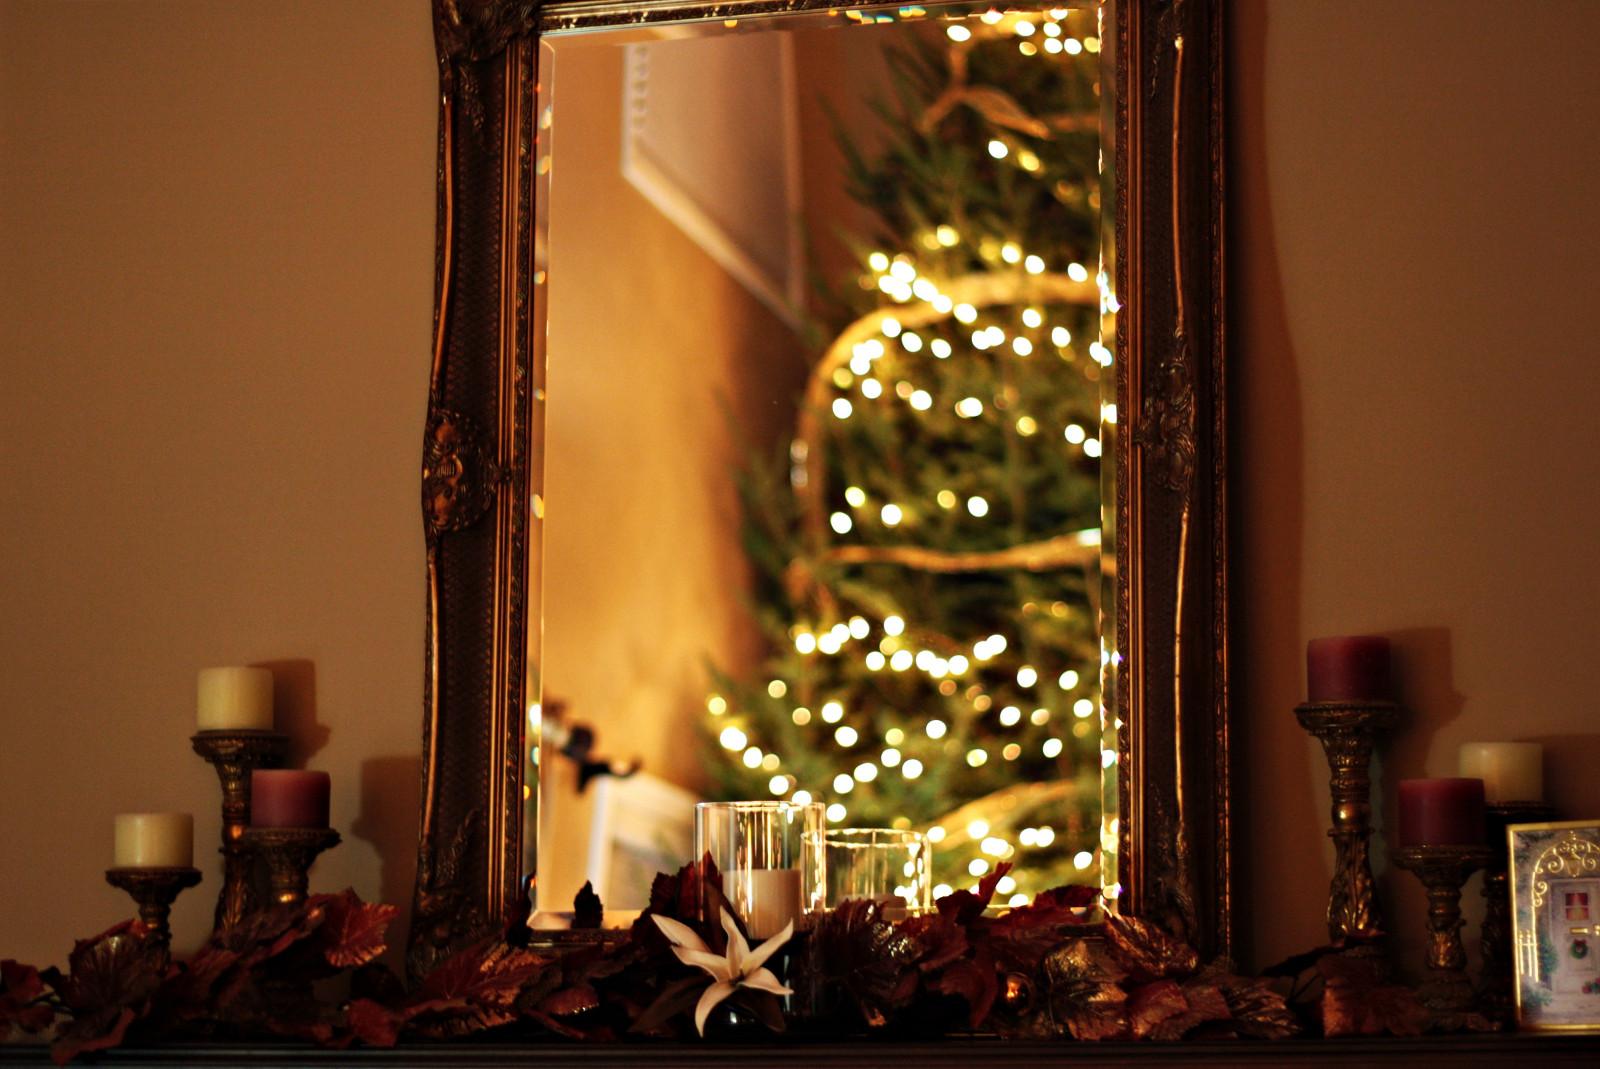 Weihnachtsbeleuchtung Zubehör.Hintergrundbilder Weihnachtsdekoration Weihnachten Zuhause